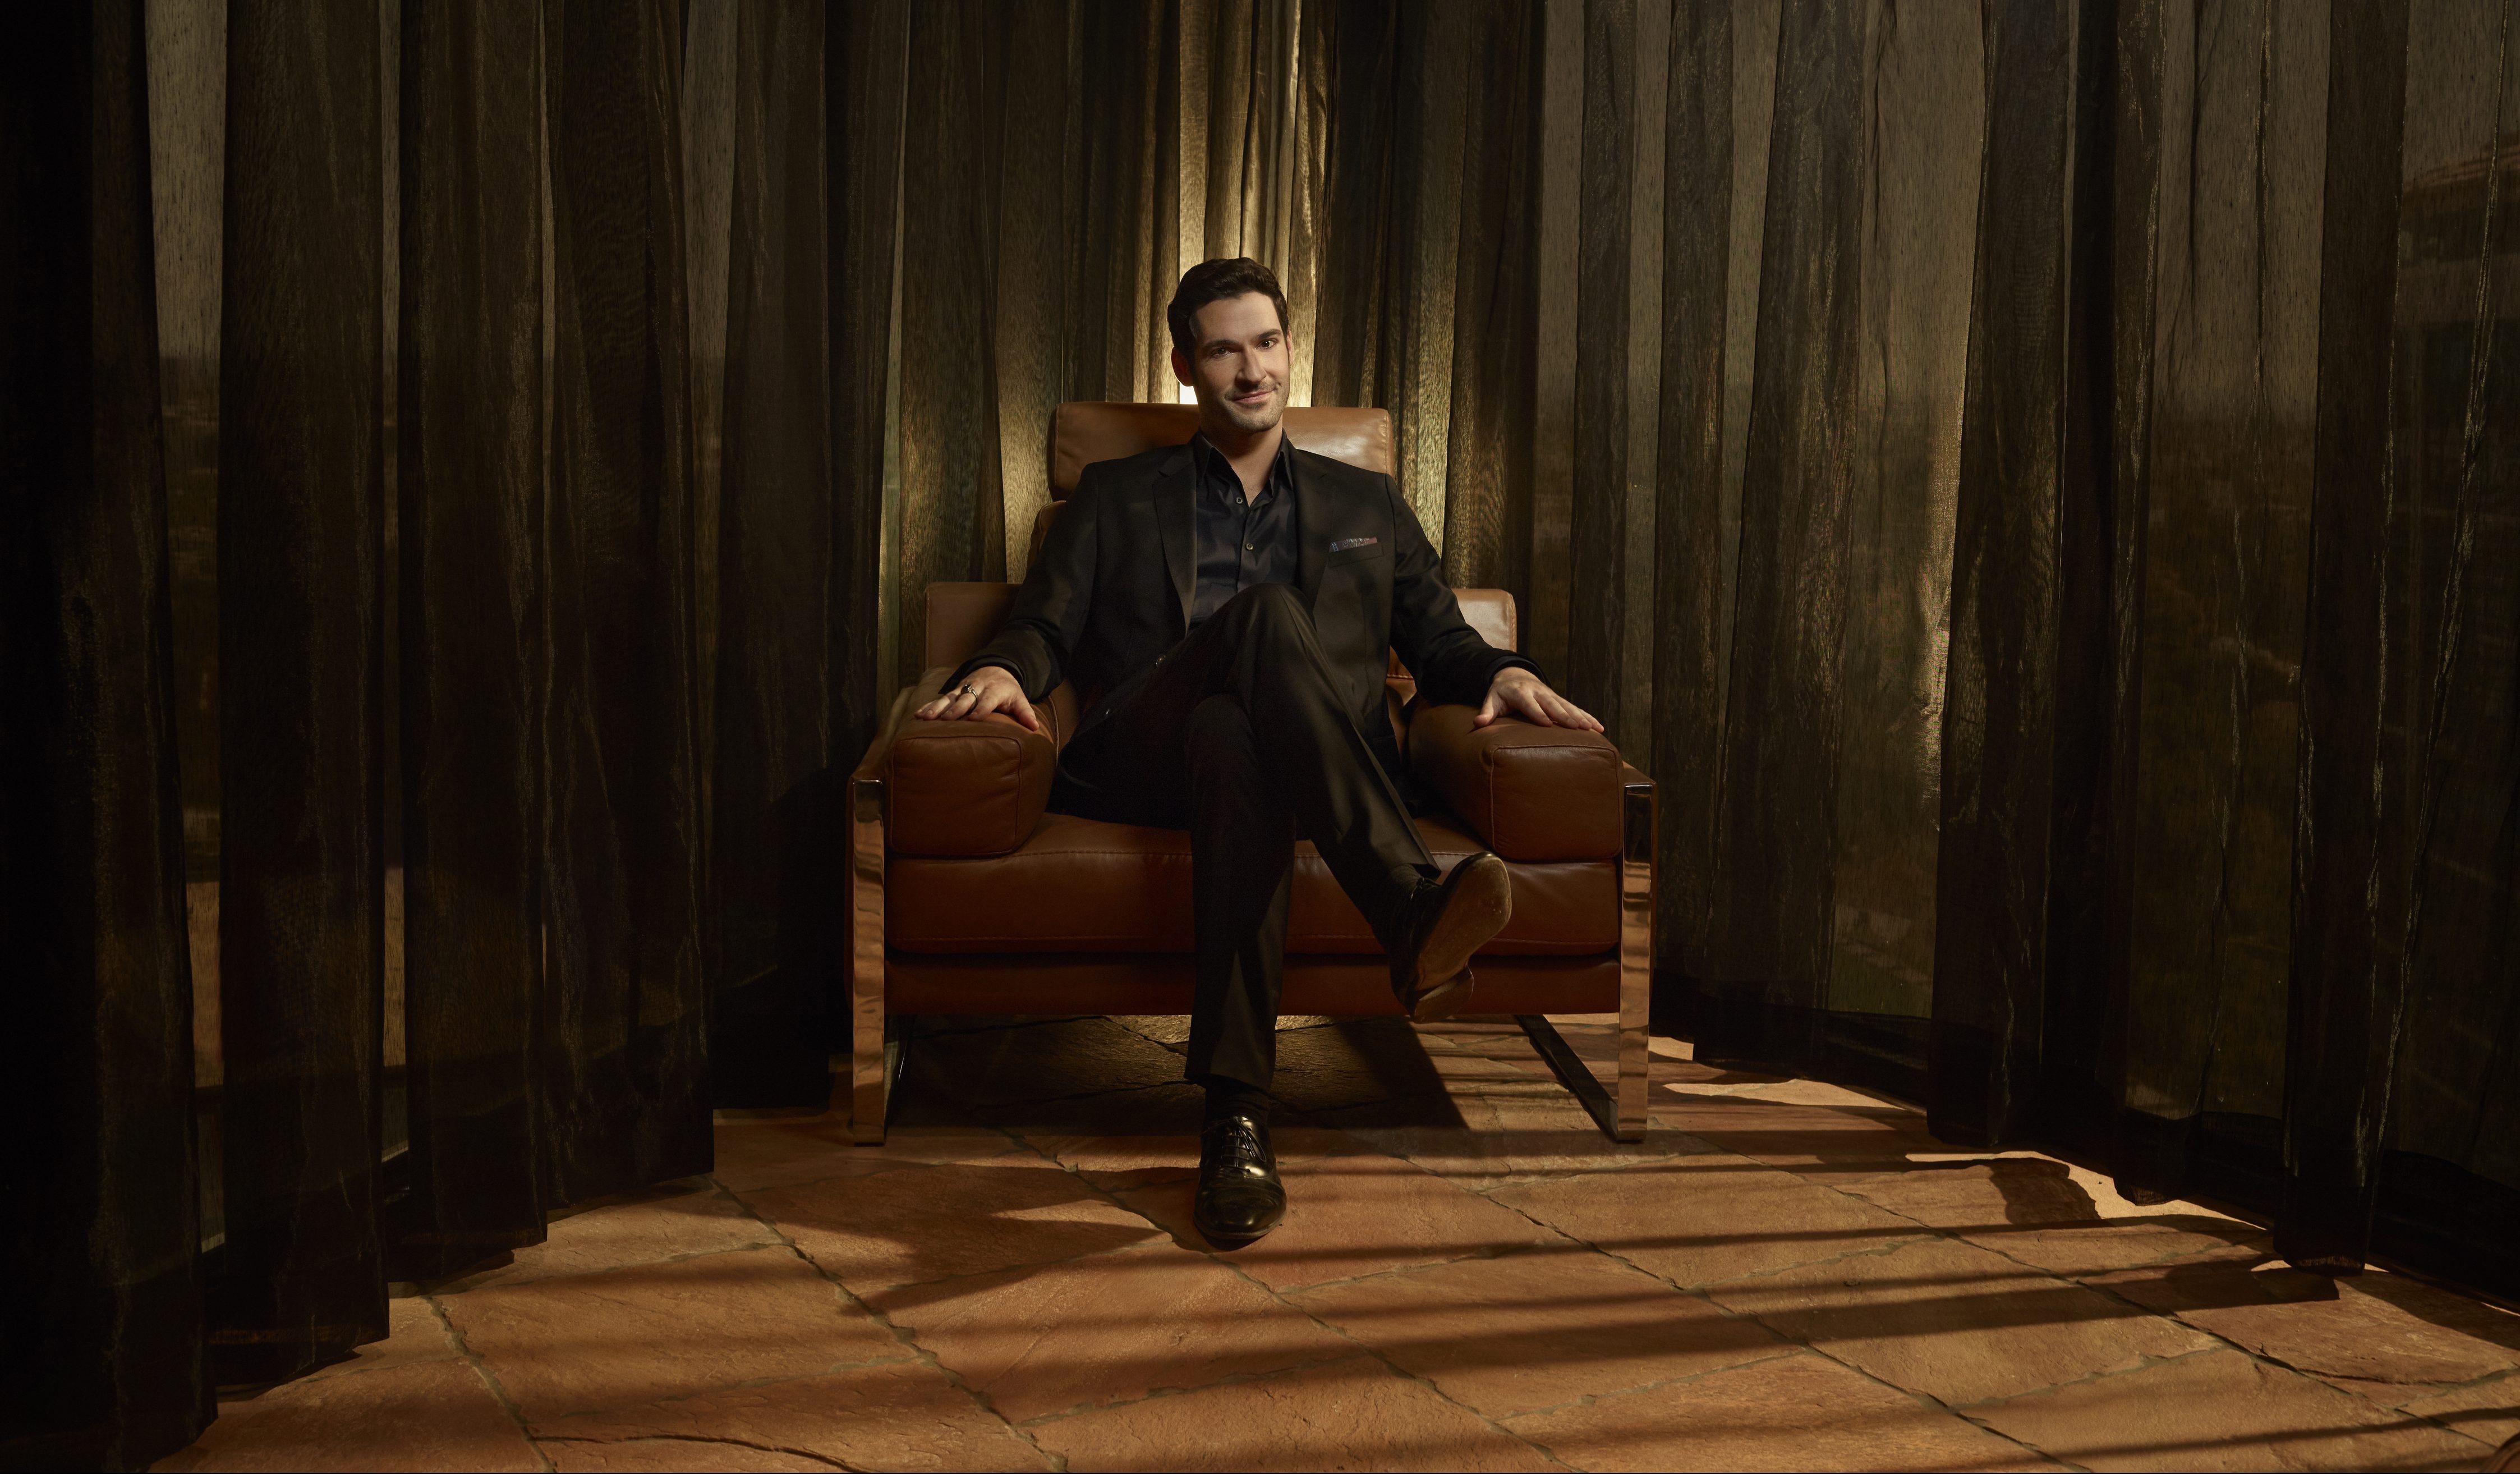 Lucifer Wallpaper 4k: Tom Ellis As Lucifer, HD Tv Shows, 4k Wallpapers, Images